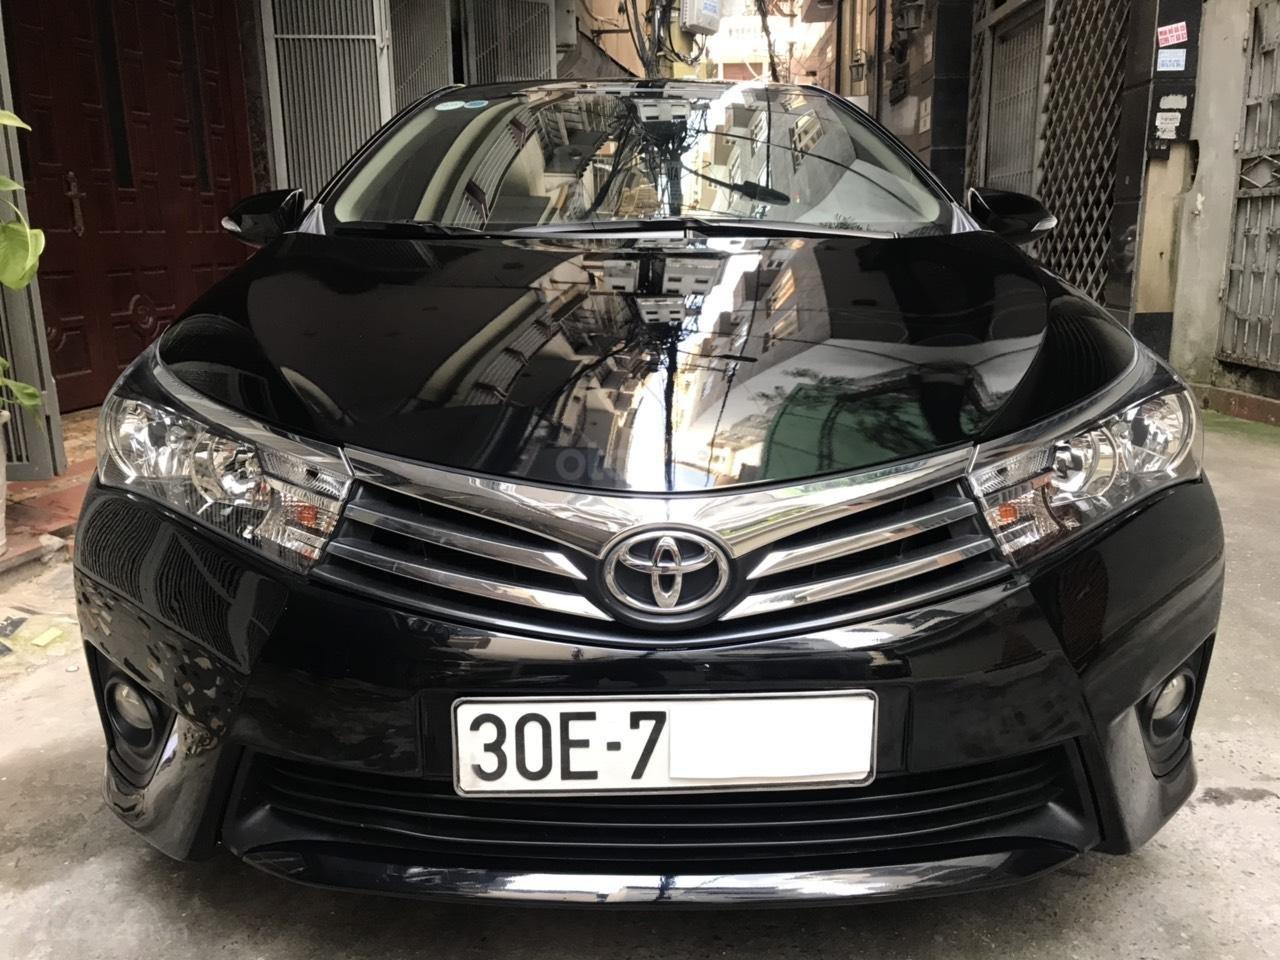 Toyota Corolla Altis 1.8G màu đen, đời 2017, số tự động đa cấp, lốp dự phòng còn mới tinh, biển đẹp, màn hình DVD (1)